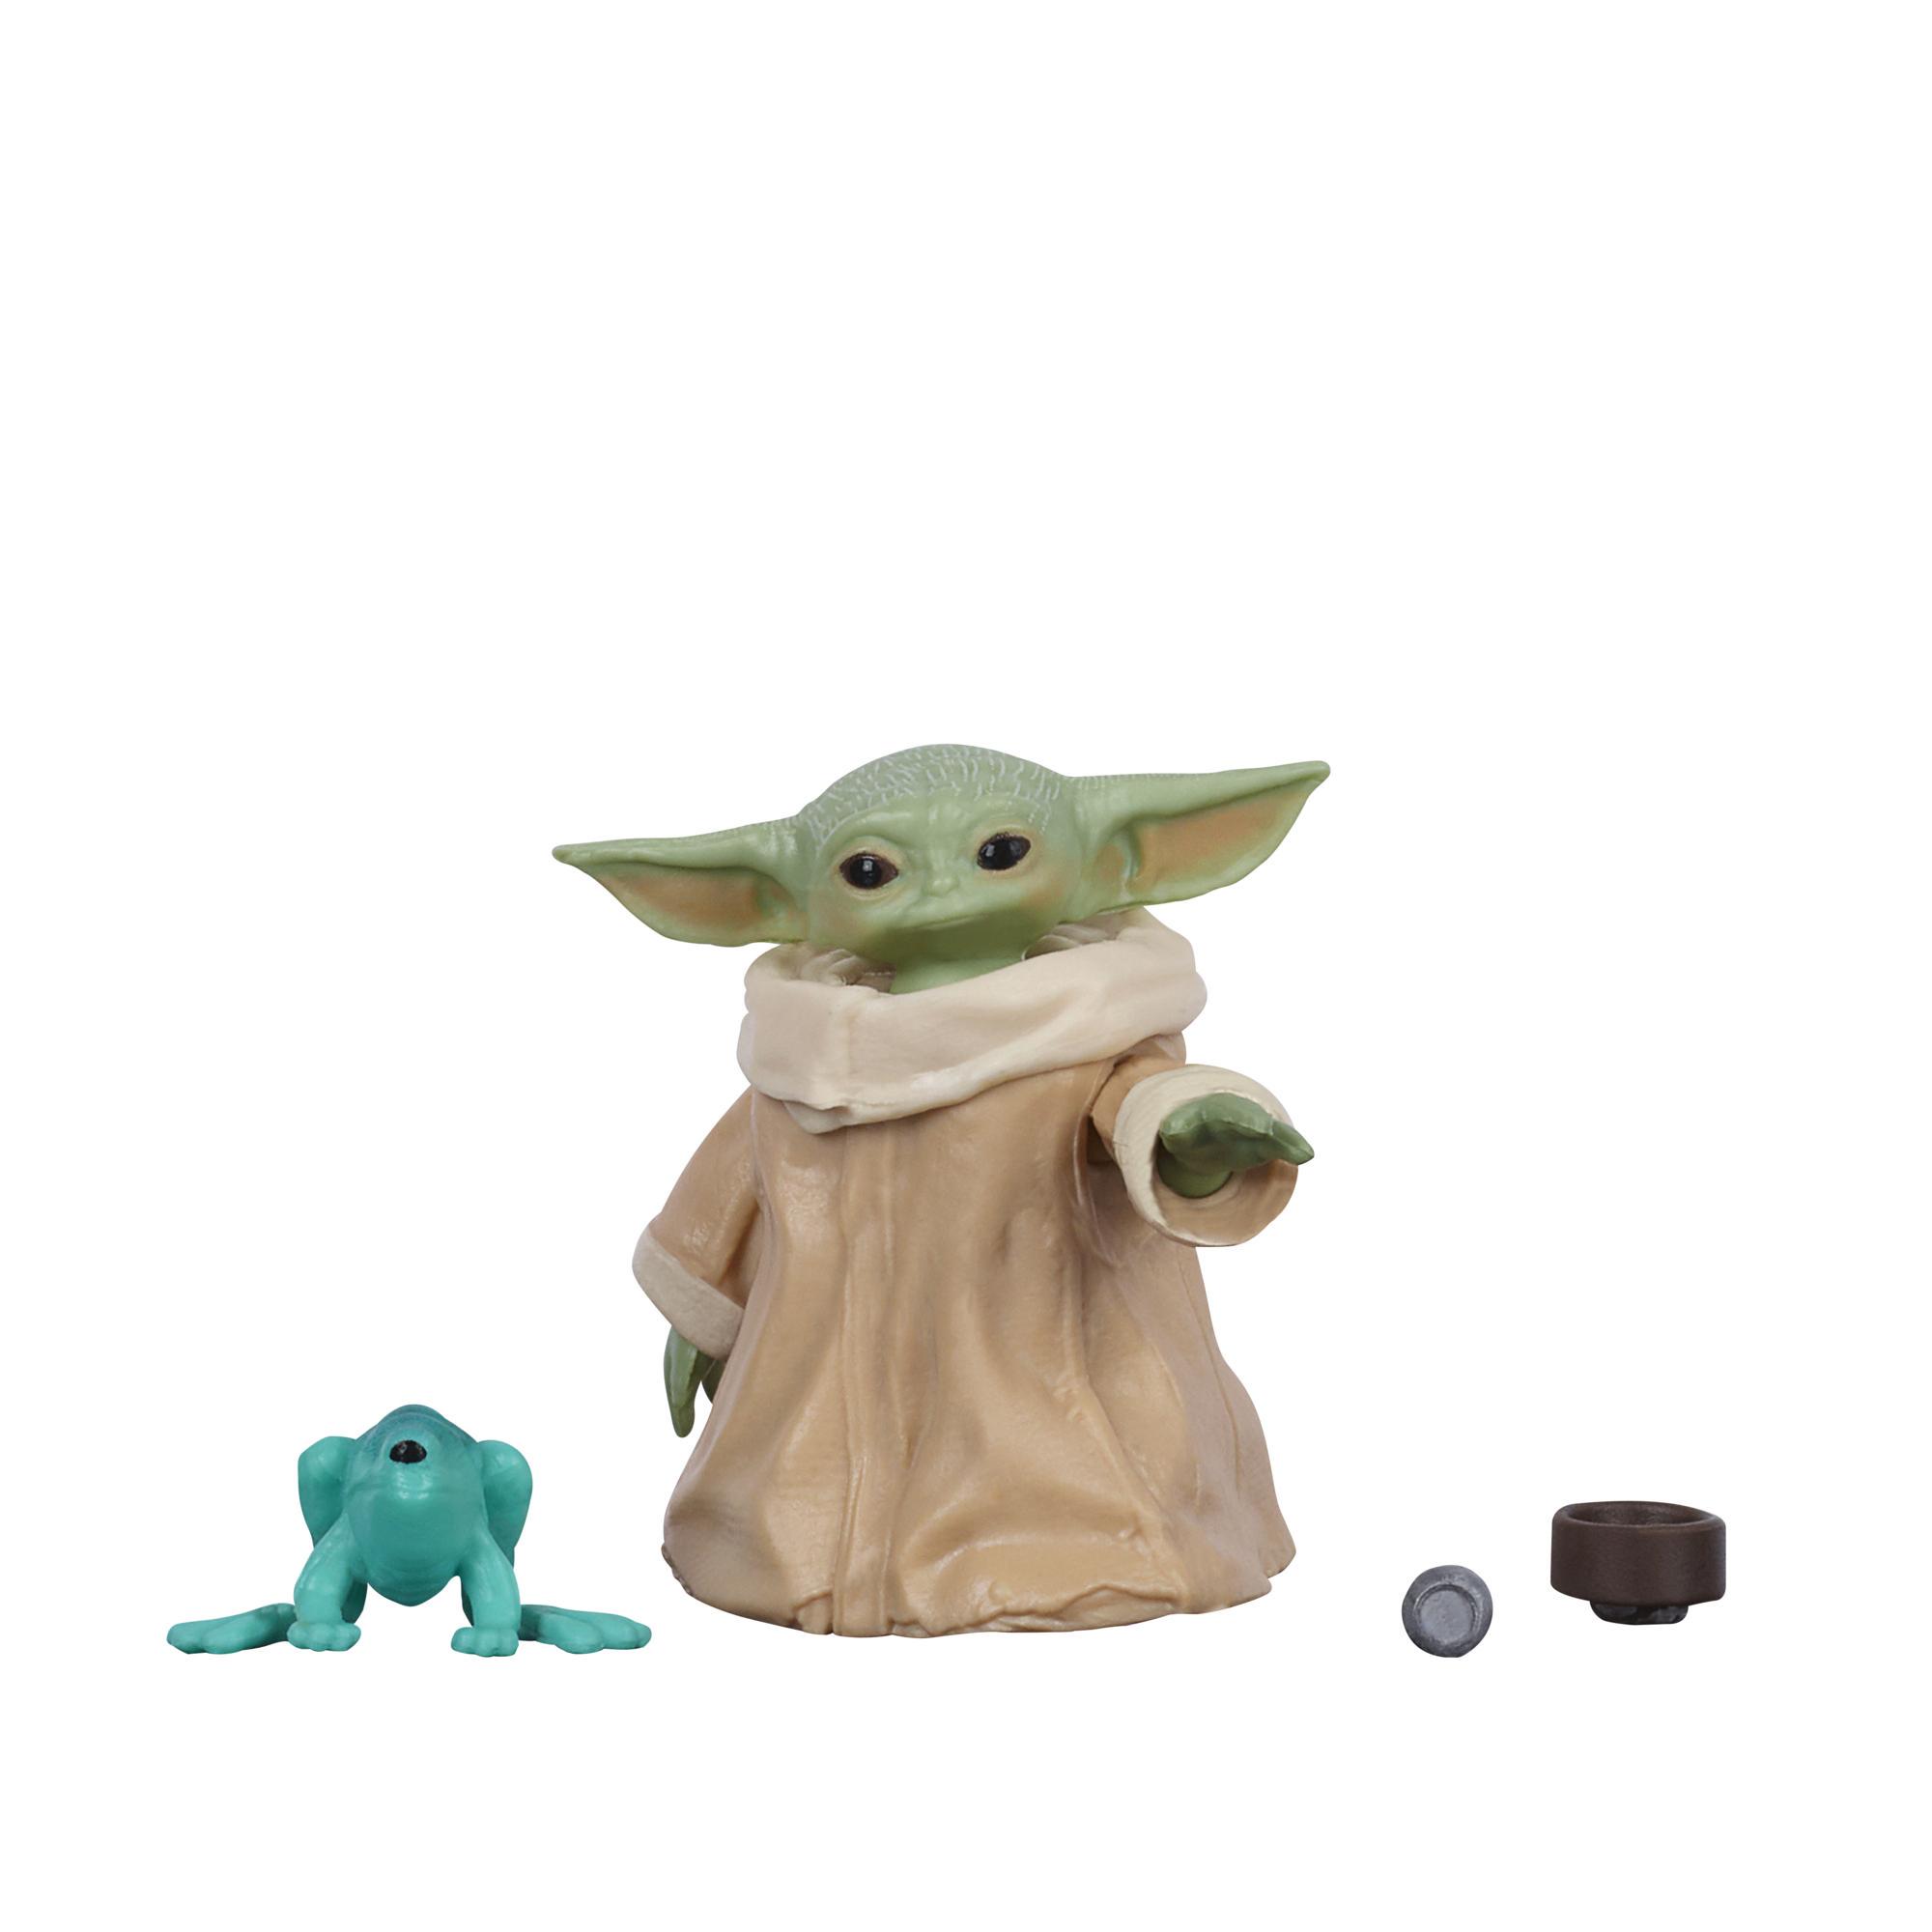 Star Wars The Black Series The Child Brinquedo Figura